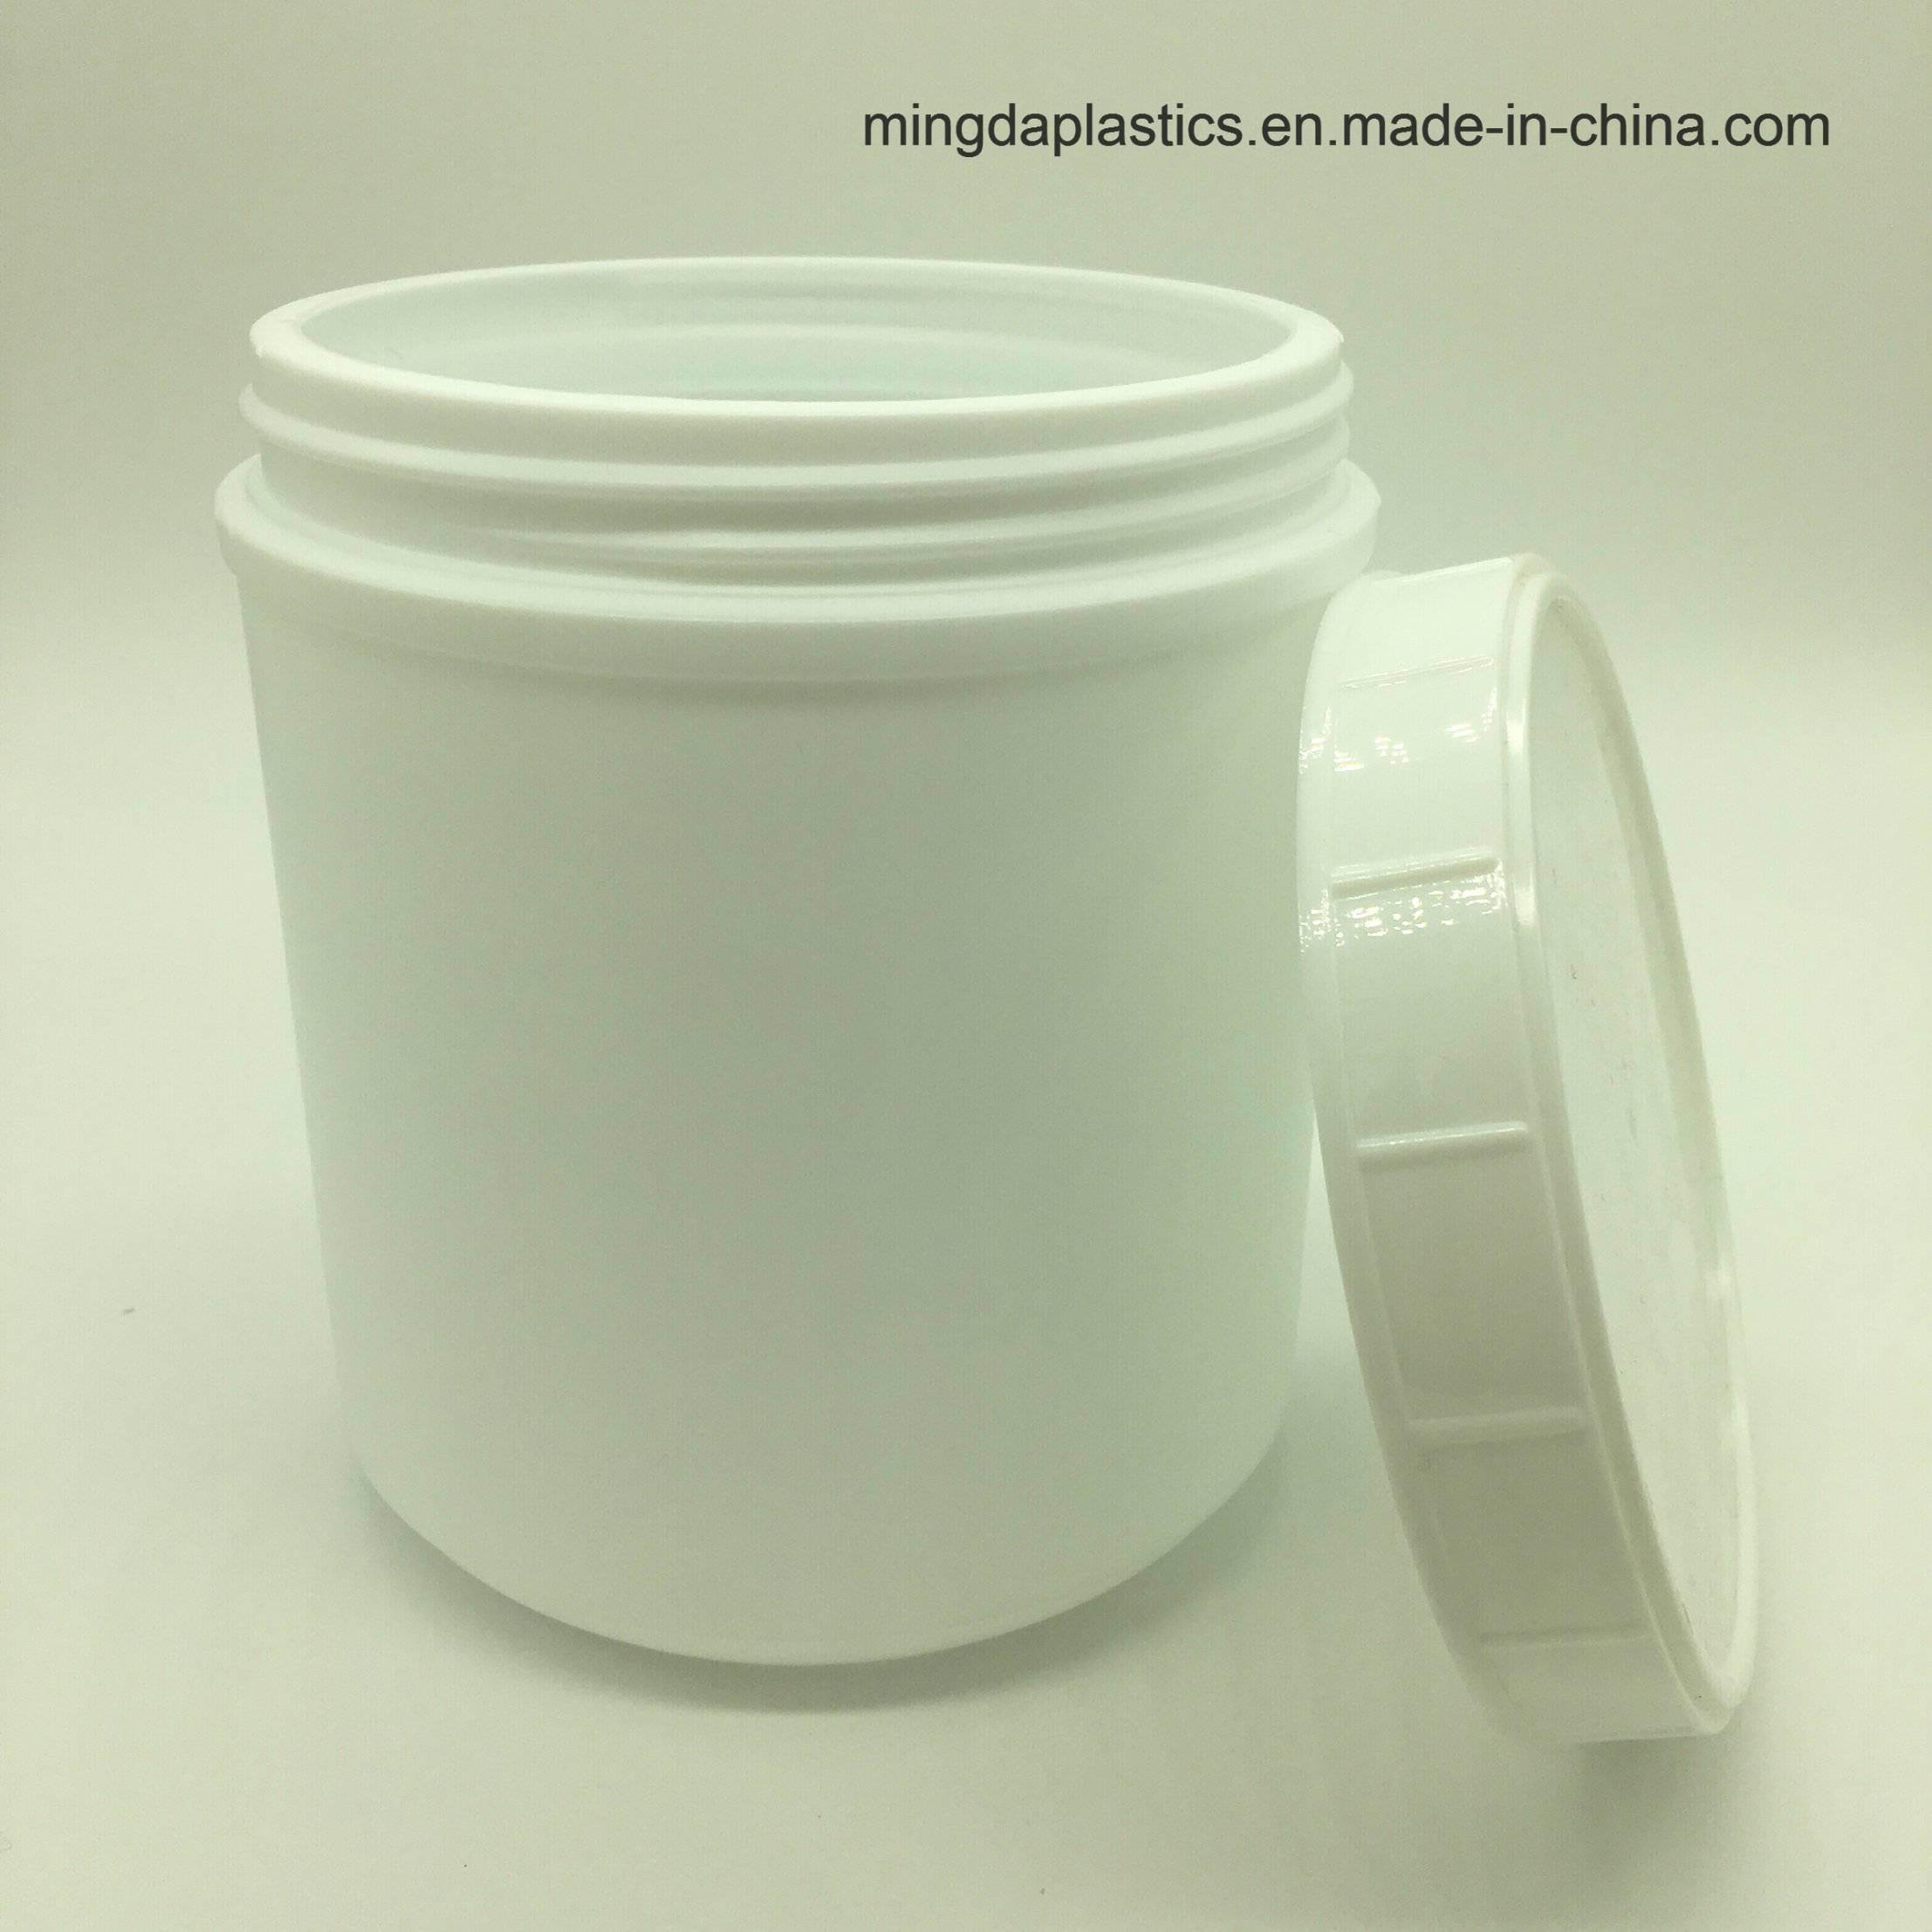 China Plastic White Protein Powder Bottles Pharmaceutical Round HDPE